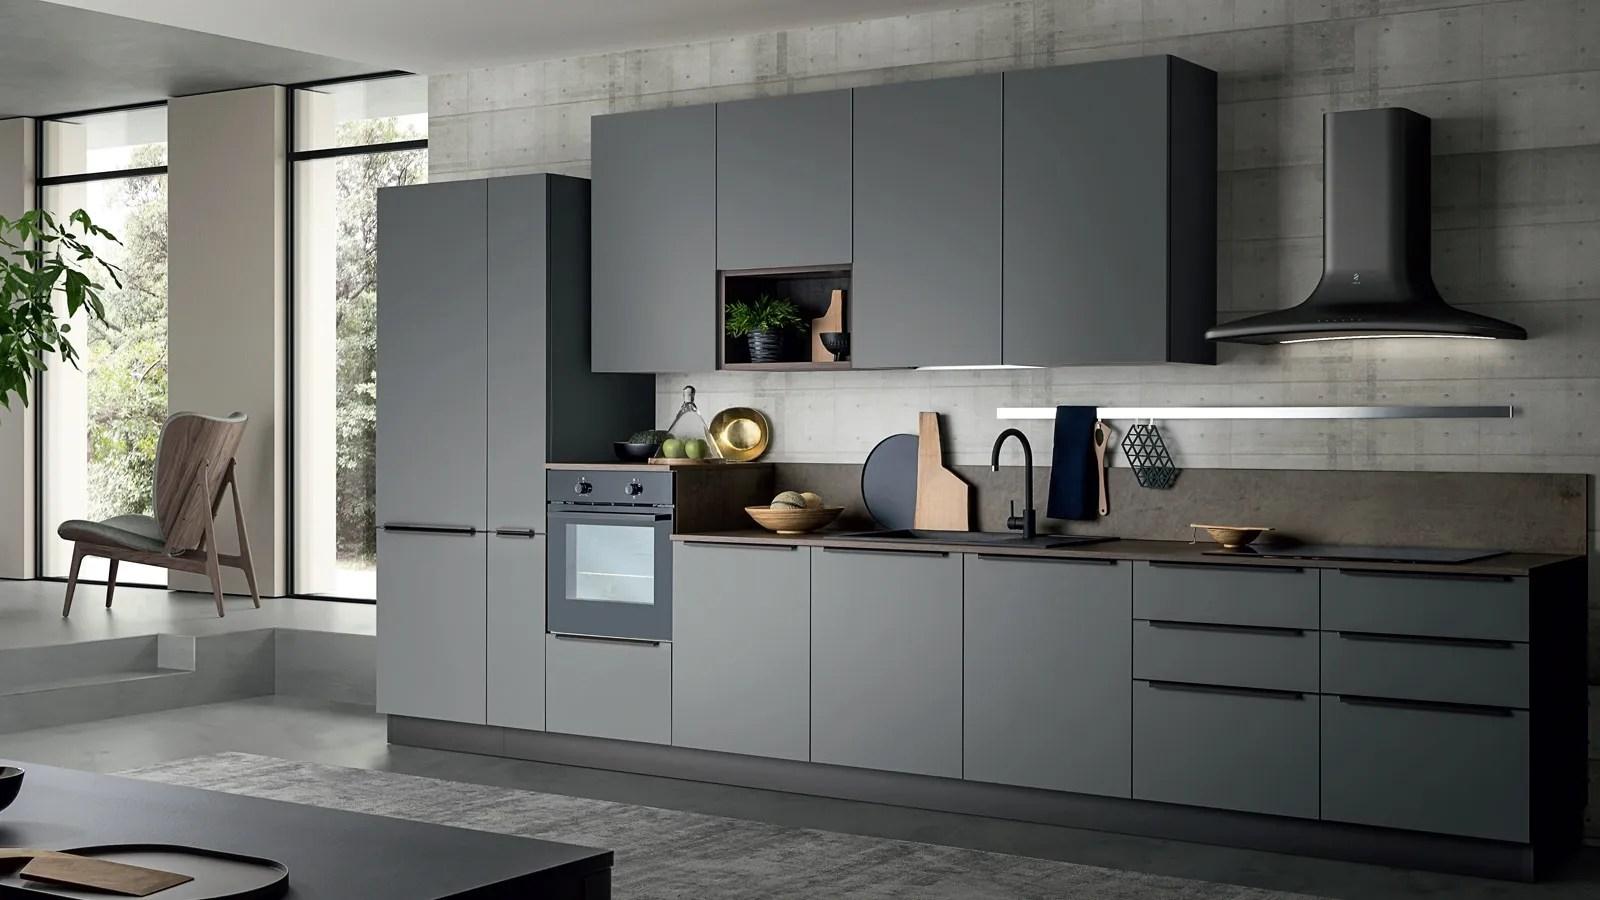 Tutti i modelli cucina, sia classici che moderni, prevedono delle soluzioni living da costruire attorno ai desideri di chi abita la casa. Cucina Moderna In Pet Easy 008 Di Ar Due